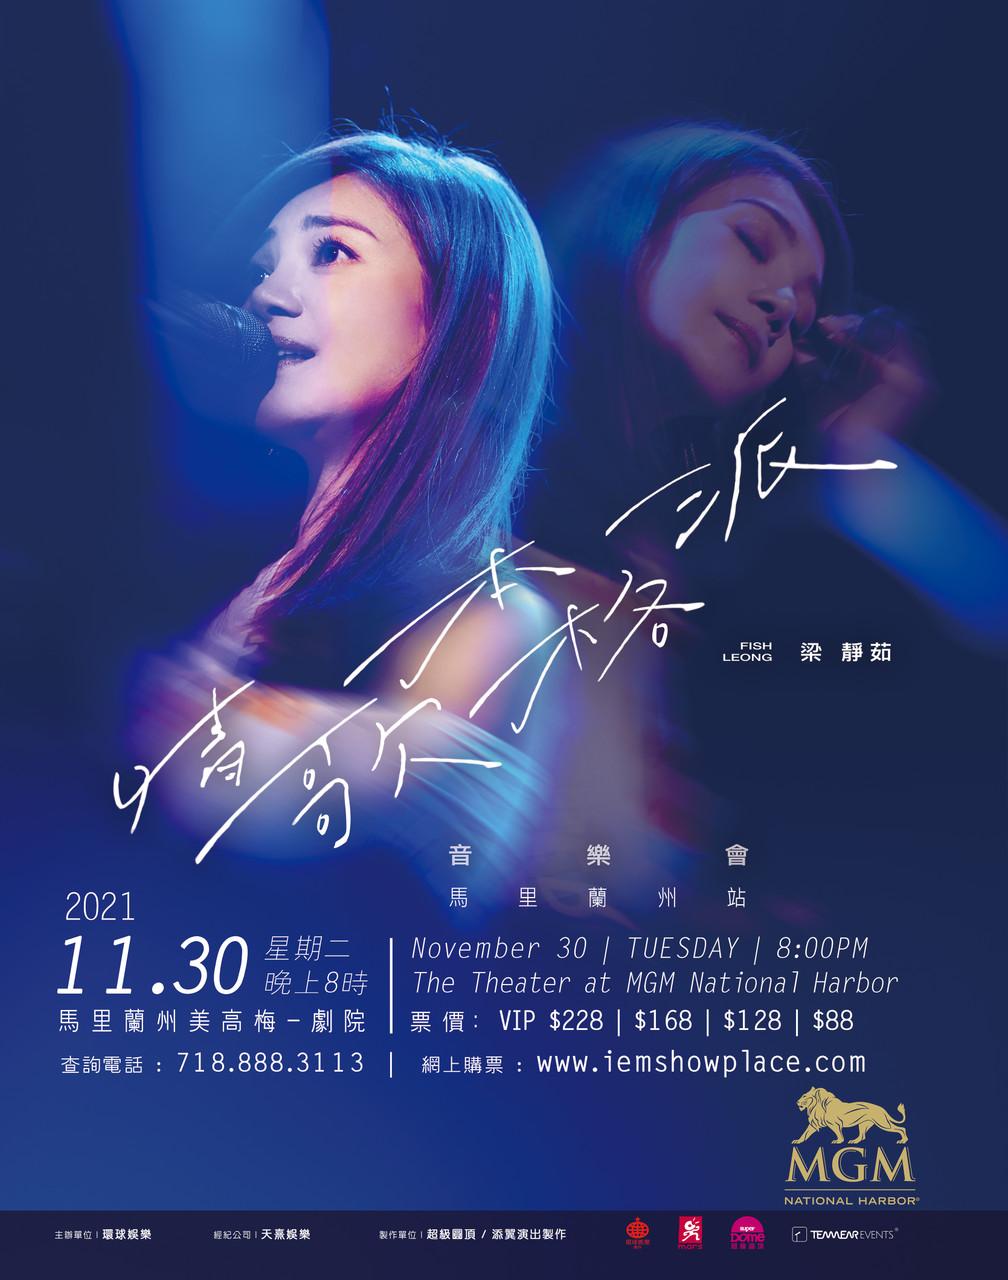 poster -  Fish Leong MGM National Harbor